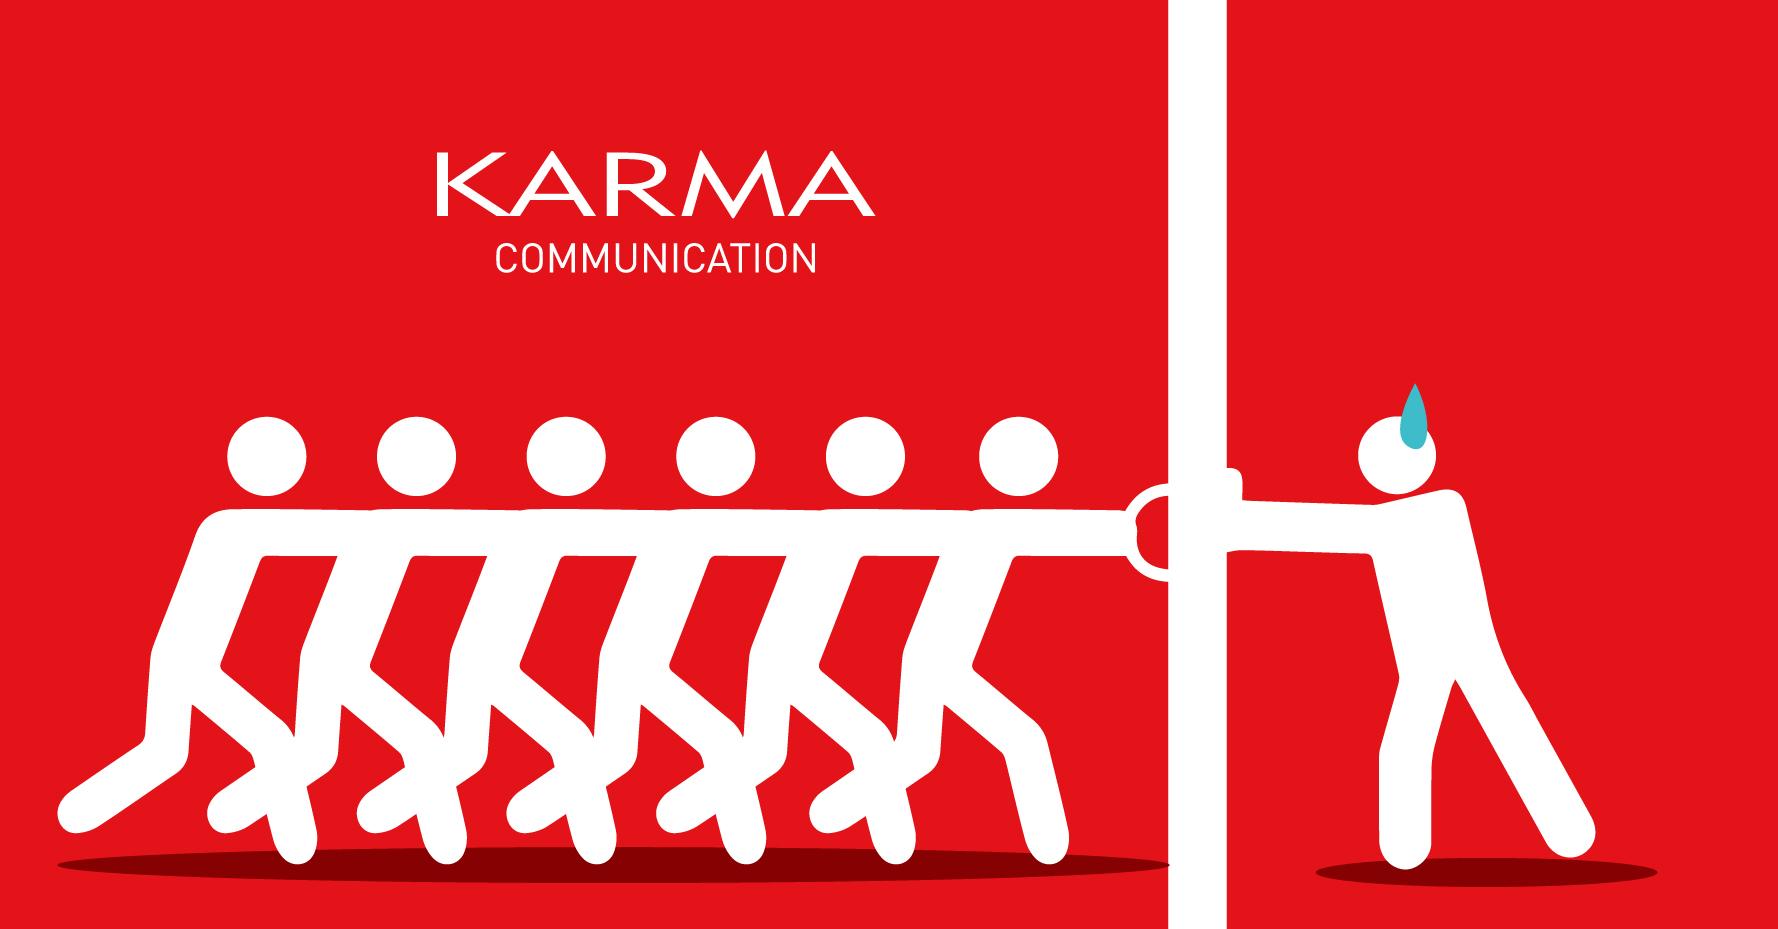 Karma Communication - Siamo tornate dalle vacanze